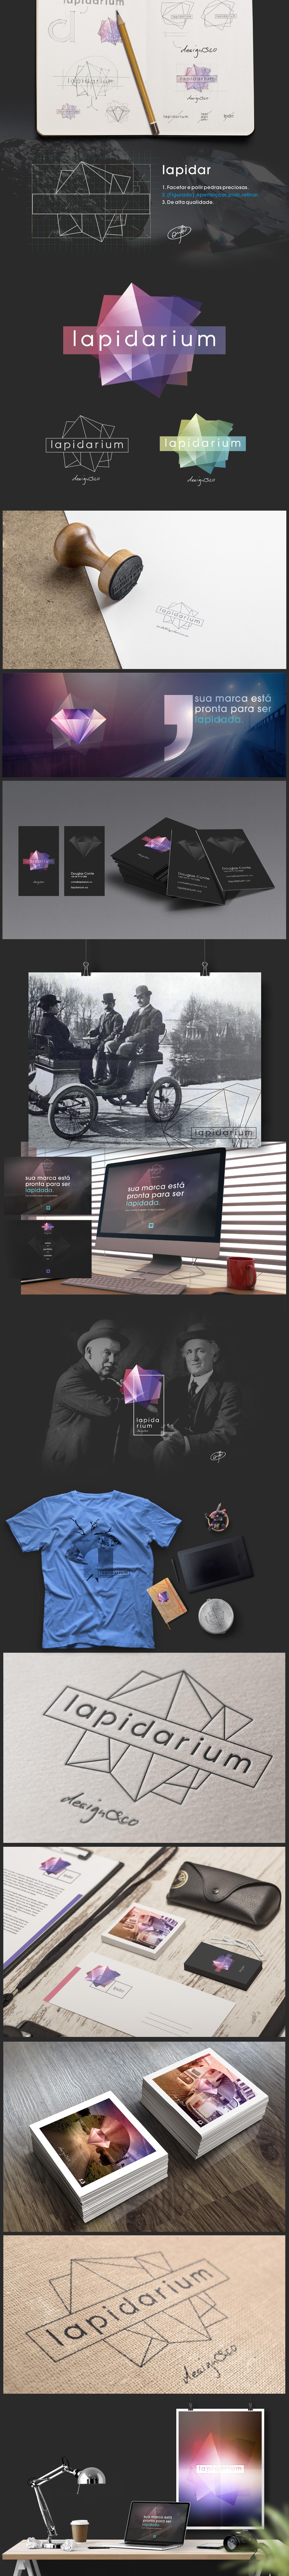 lapidarium design&co escritório de design Design Office design agency design studio estudio de design comunicação visual communication